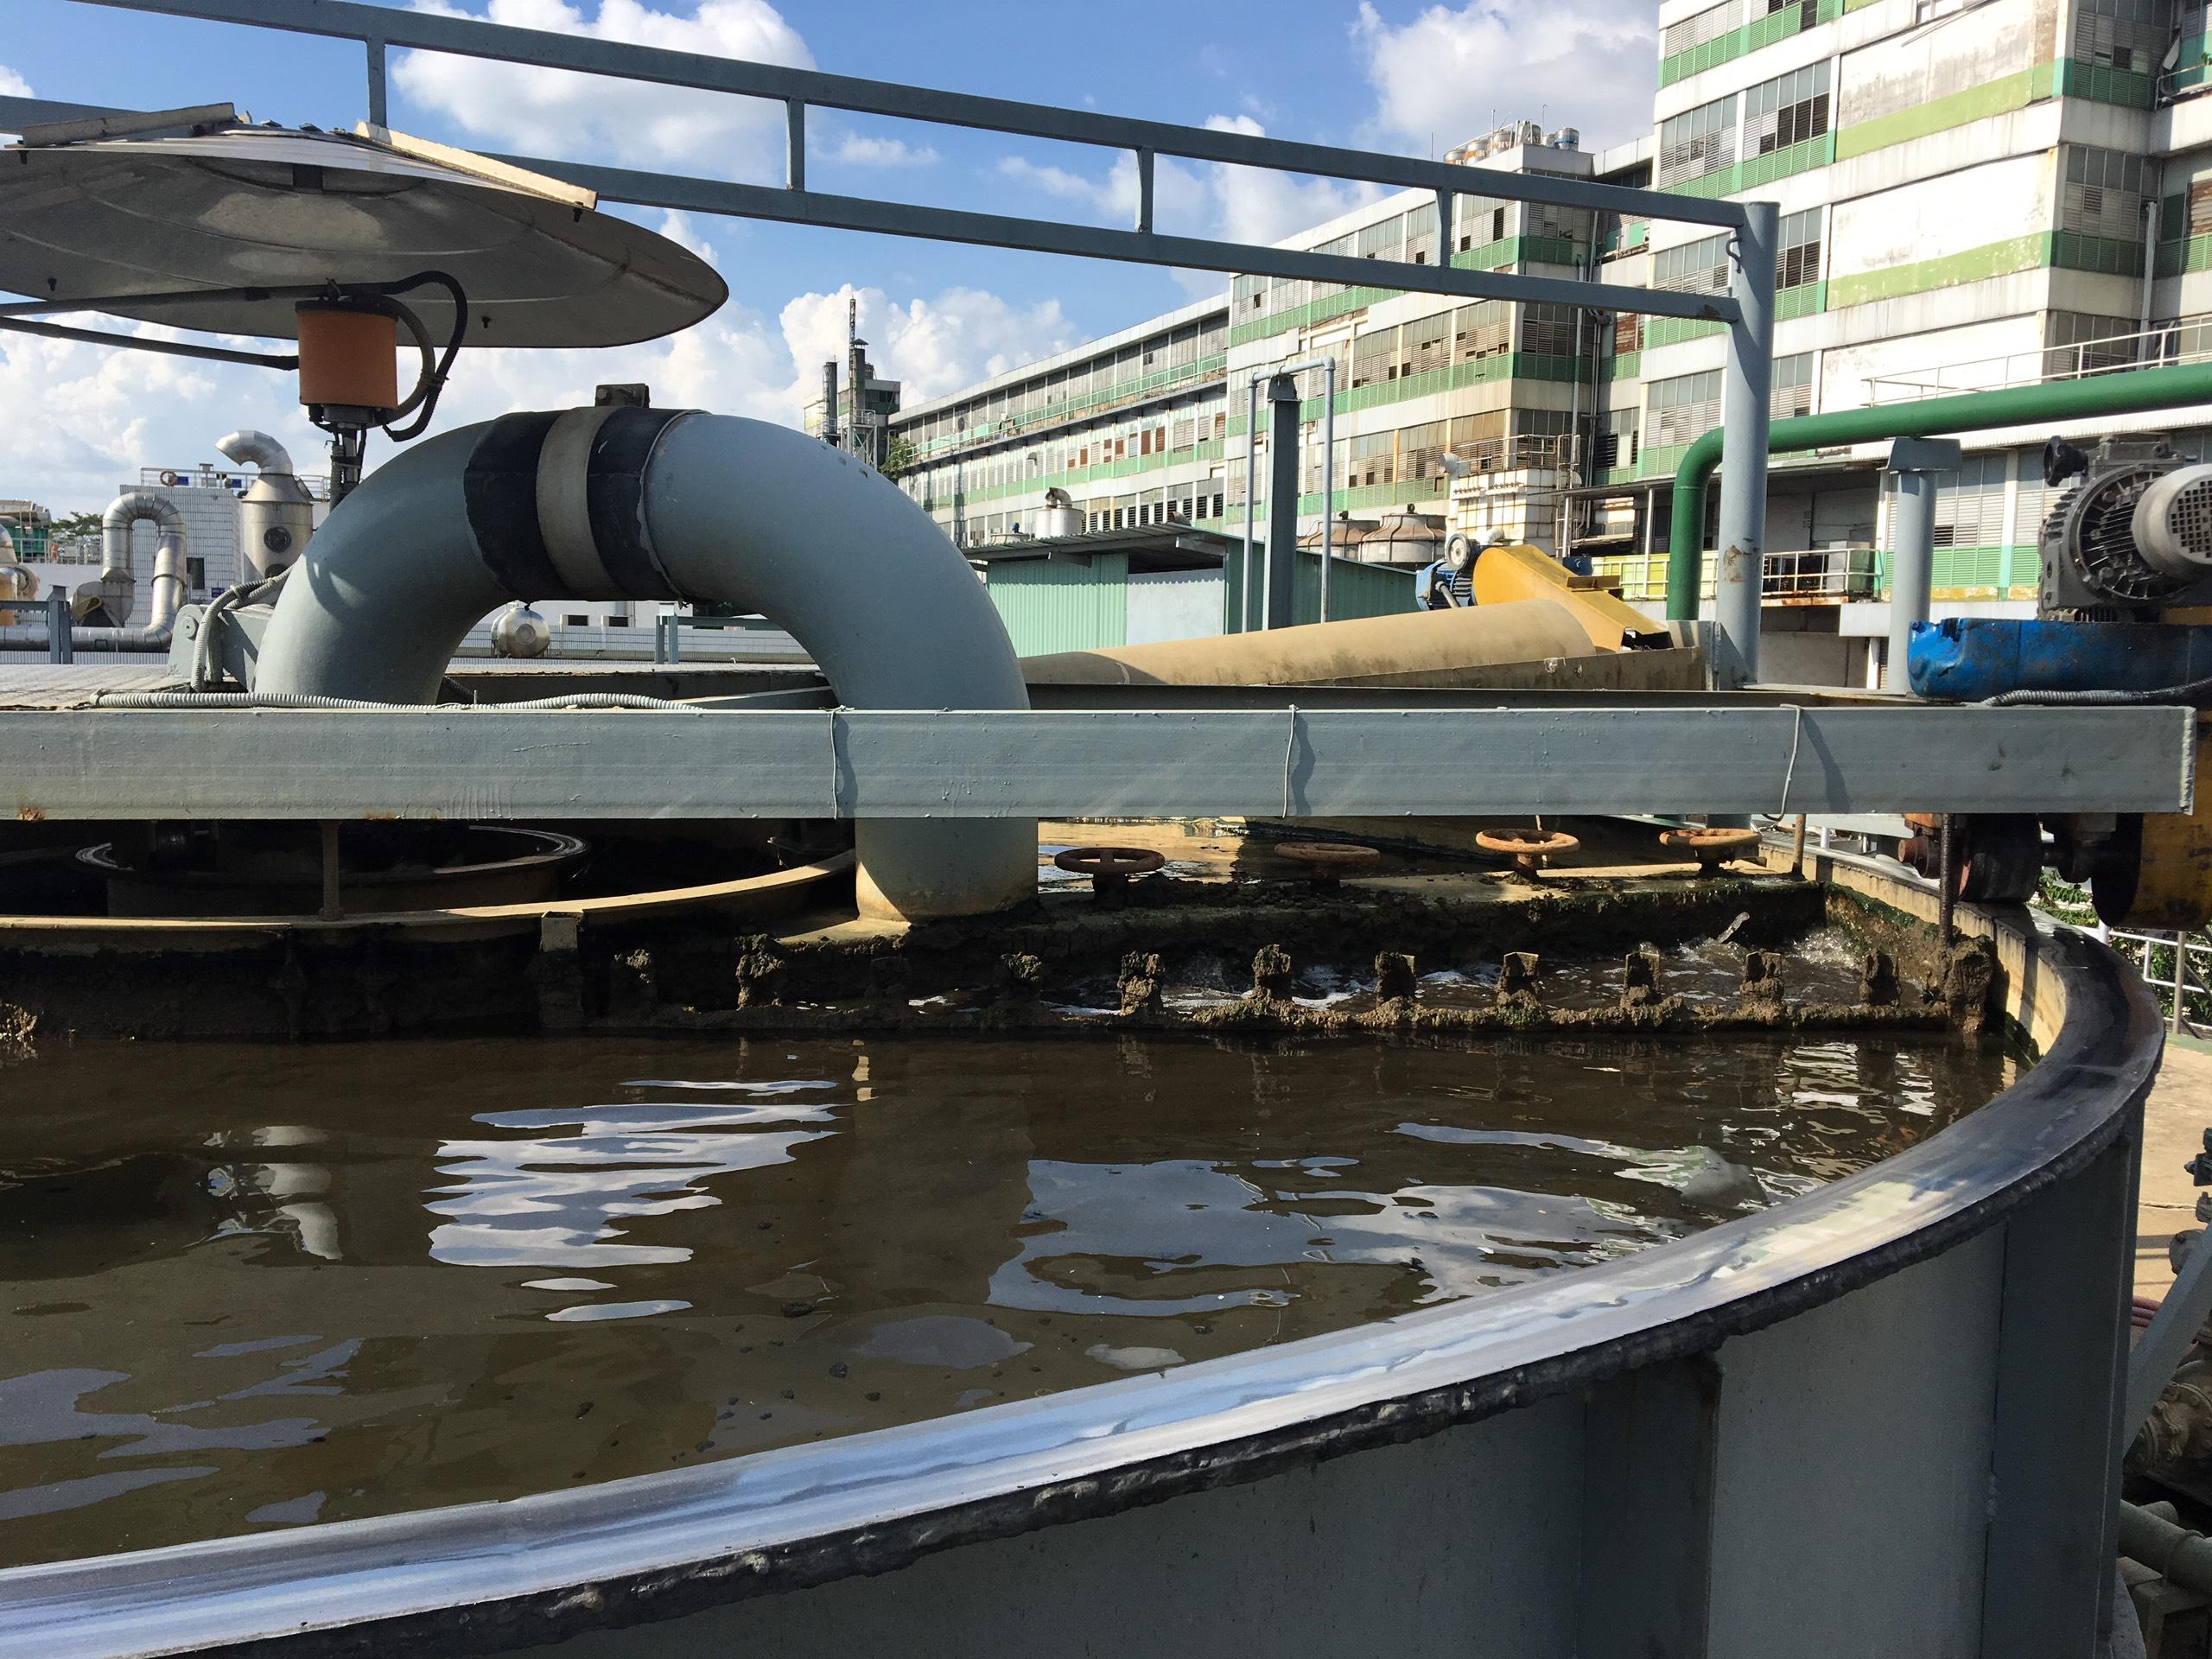 Không xử lý nước thải trước khi xả ra môi trường ngoài sẽ bị phạt bao nhiêu tiền ?